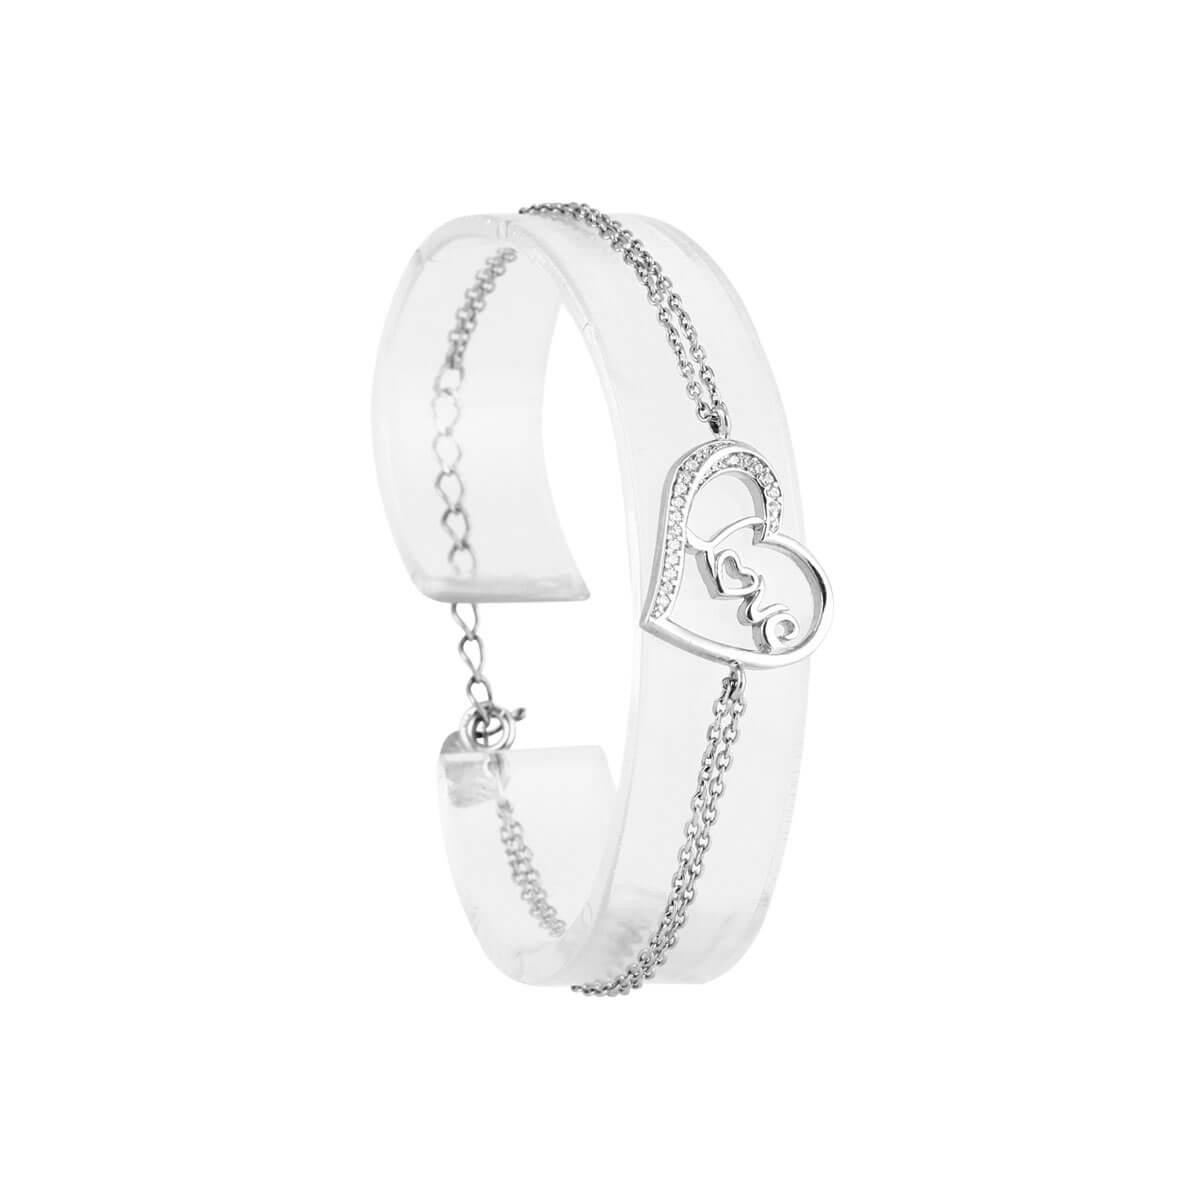 خرید دستبند نقره دخترانه نگین دار مدل رامونا